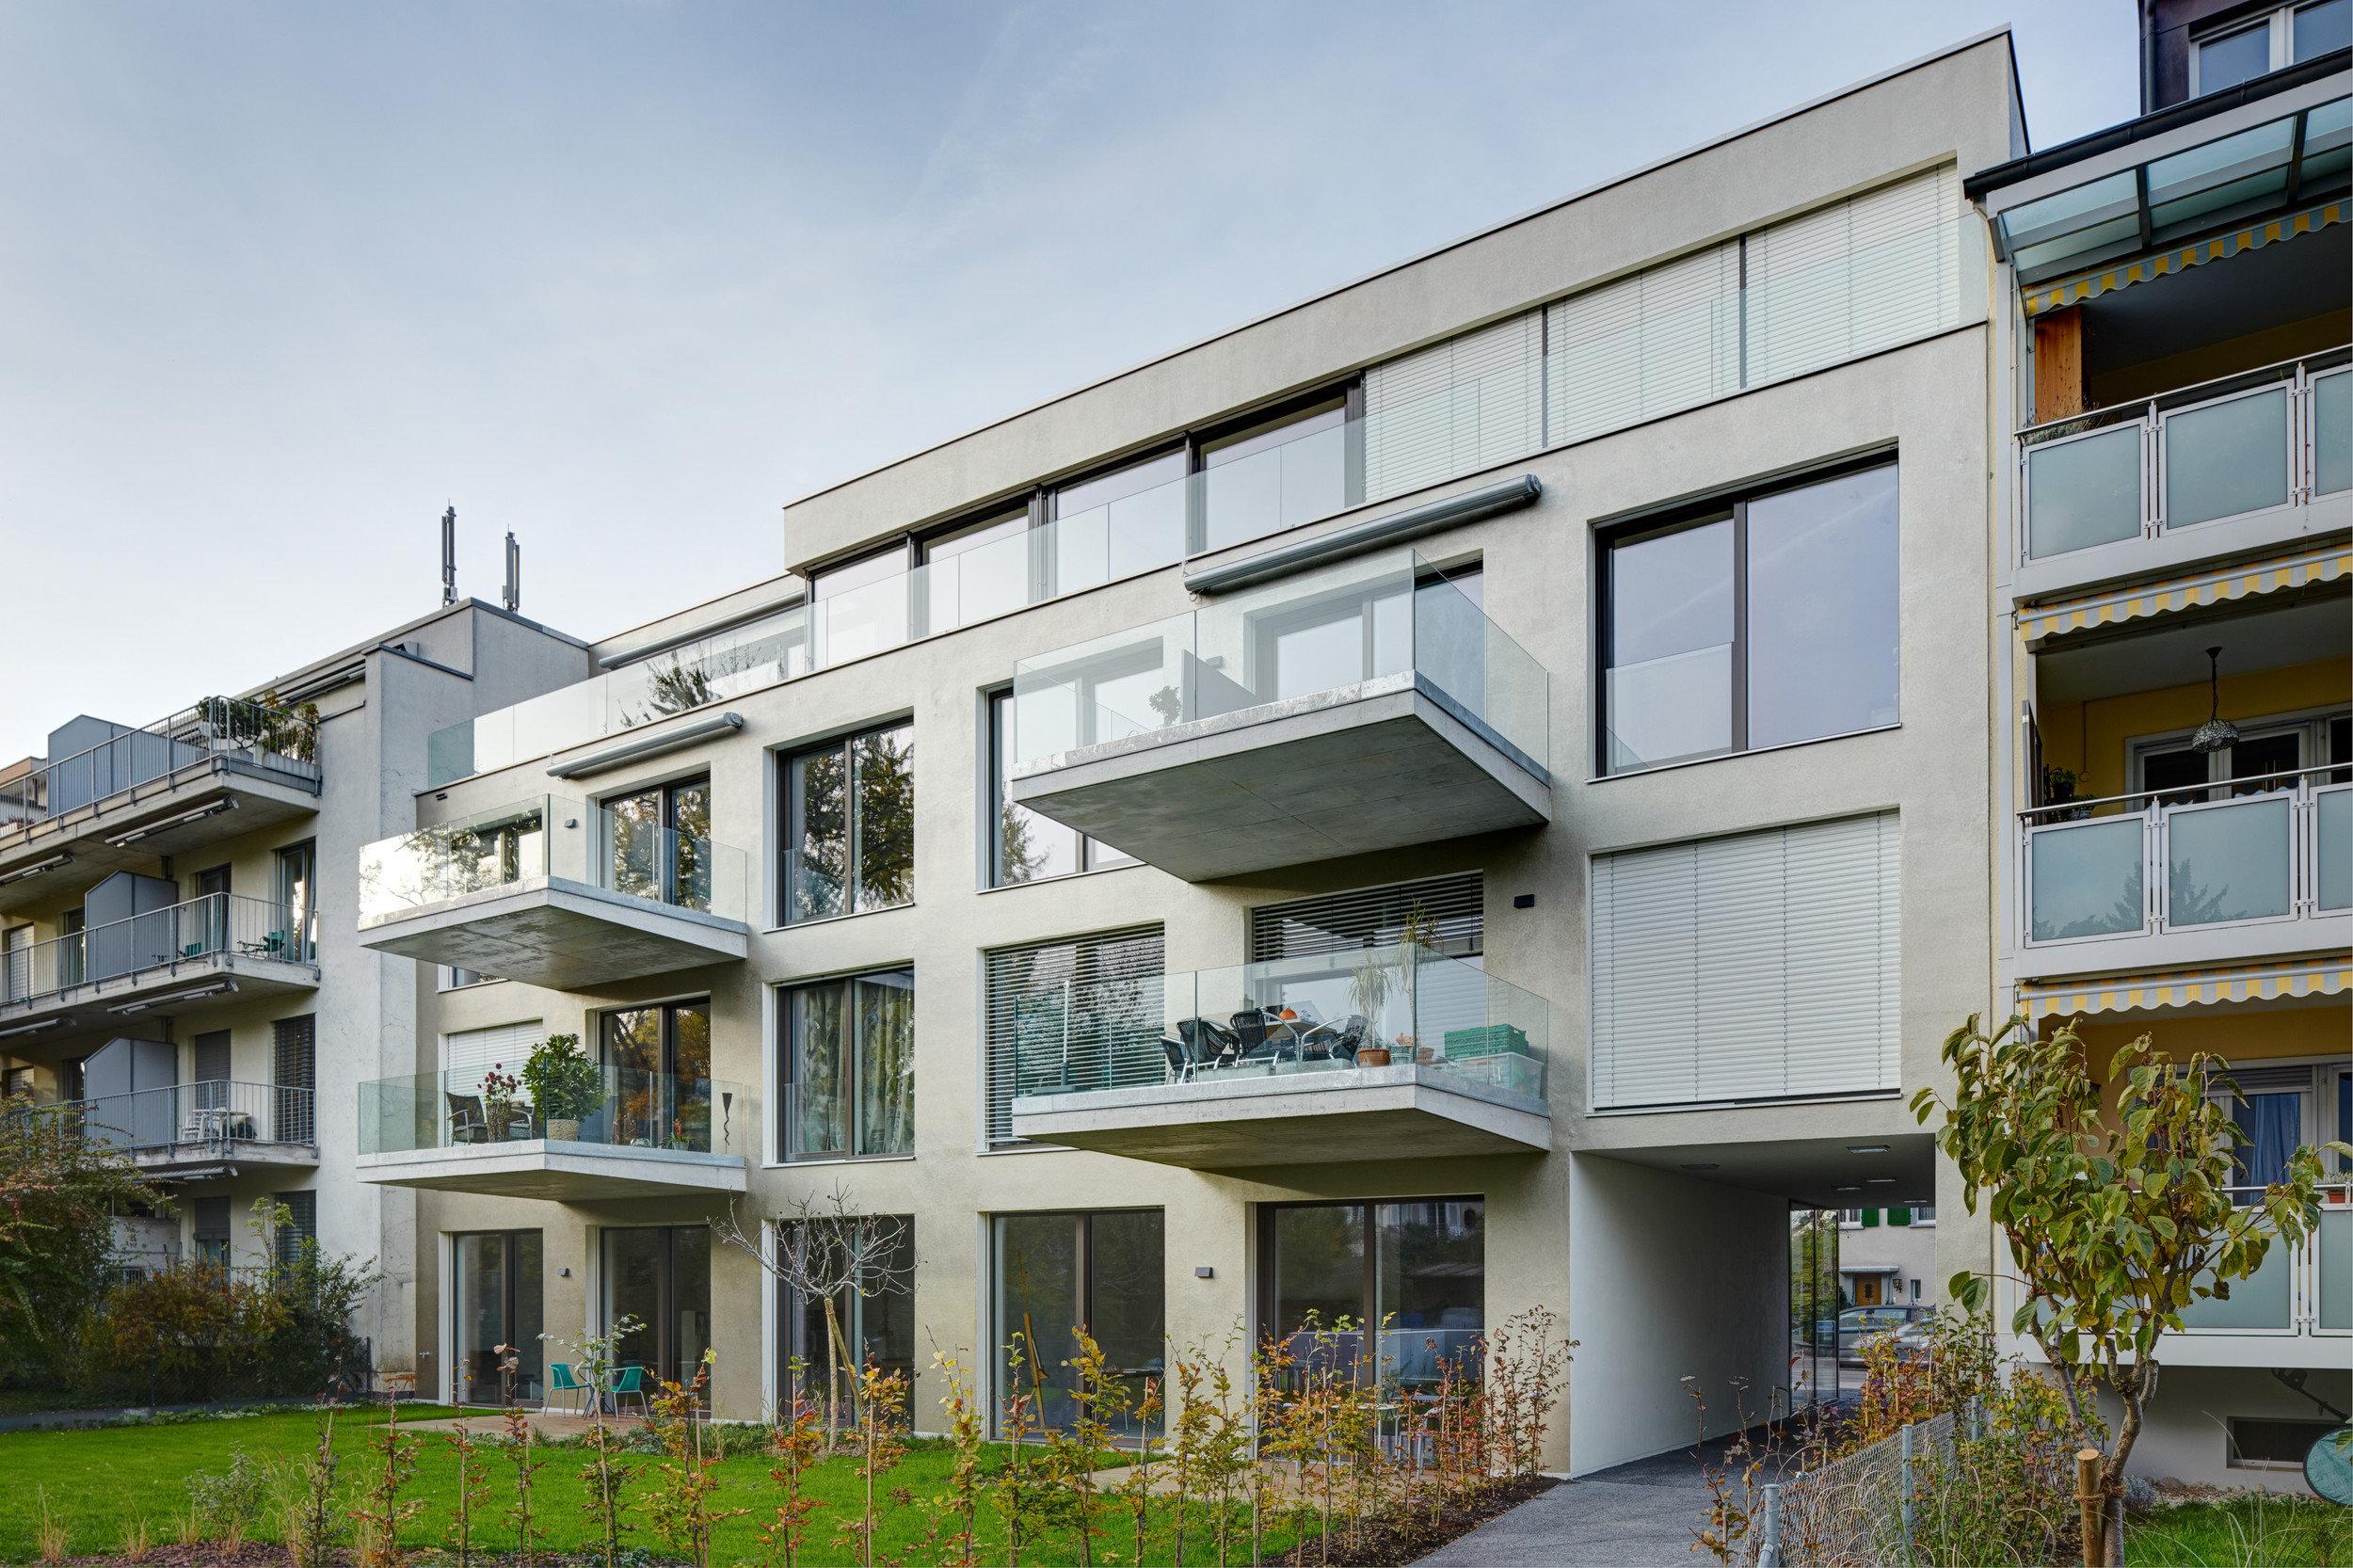 Mehrstöckiges Wohnhaus aus Beton mit gleichmässiger Anordnung von raumhohen Fenstern